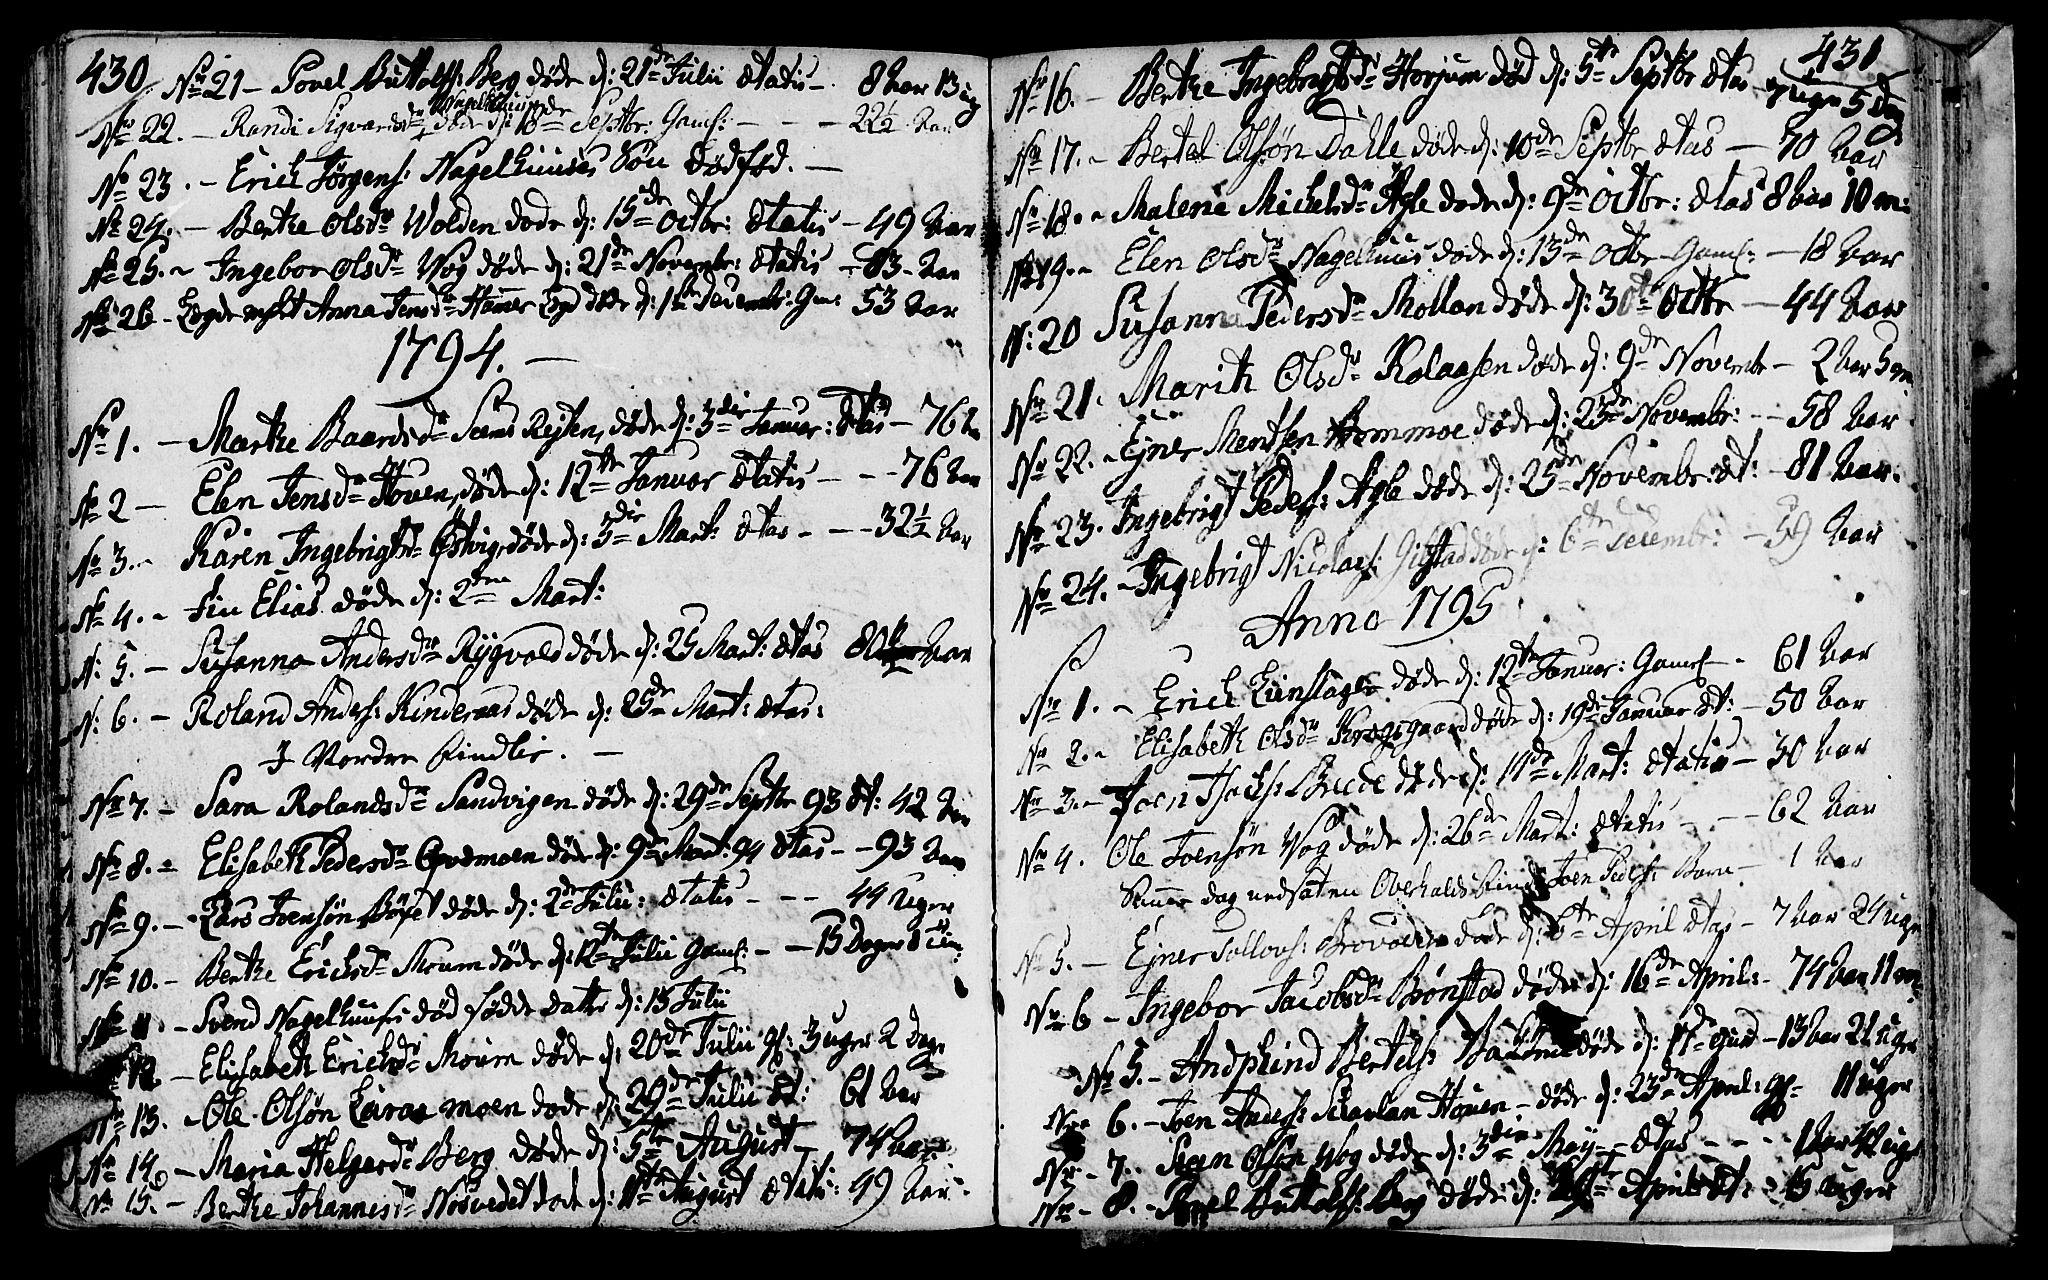 SAT, Ministerialprotokoller, klokkerbøker og fødselsregistre - Nord-Trøndelag, 749/L0468: Ministerialbok nr. 749A02, 1787-1817, s. 430-431